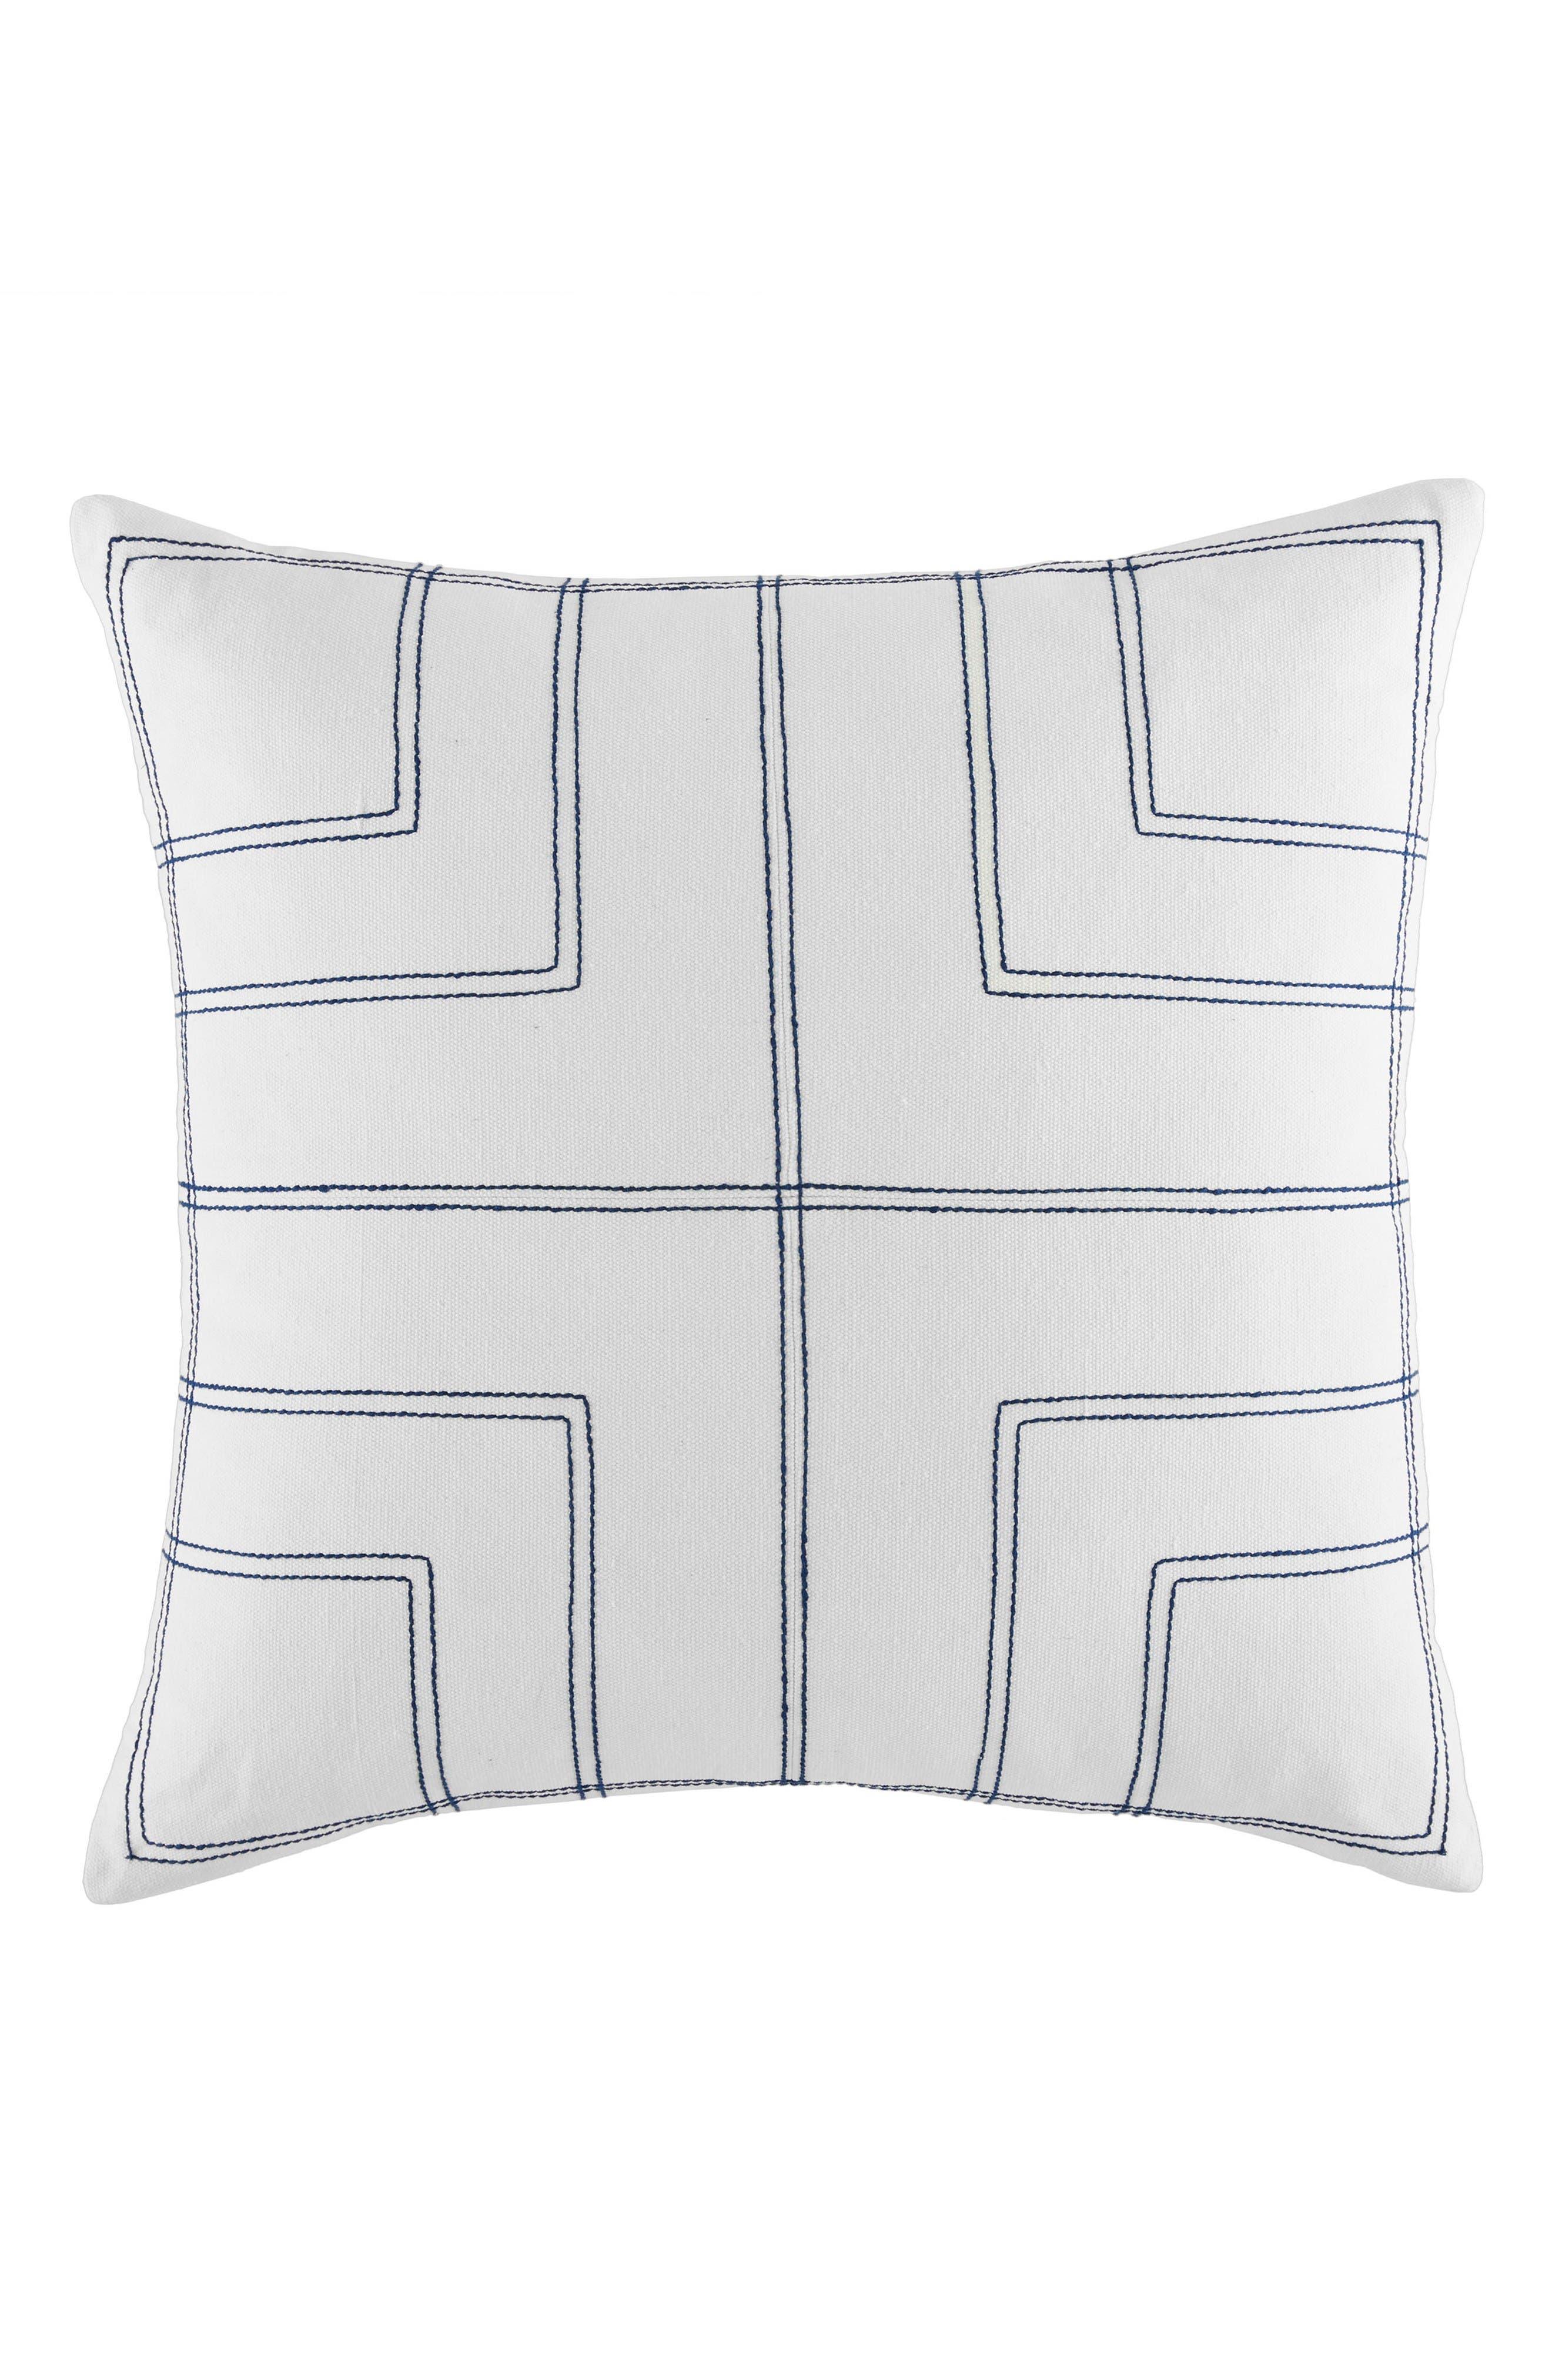 Quadrant Accent Pillow,                             Main thumbnail 1, color,                             White